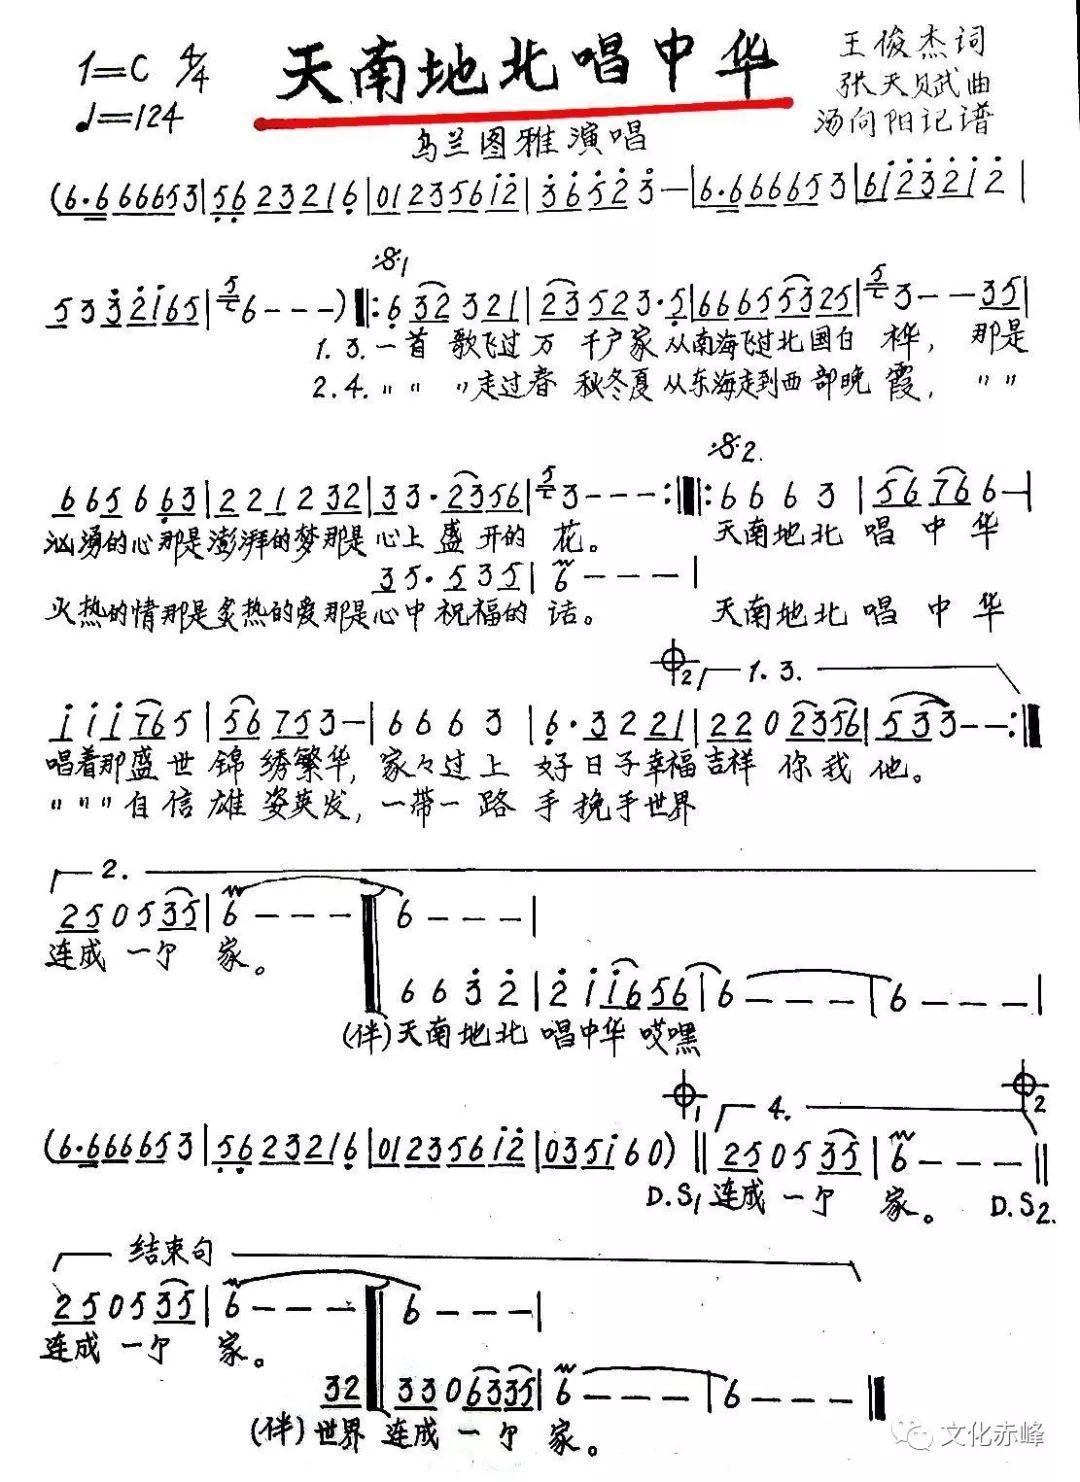 """【扩散】""""中国梦""""主题新创作歌曲《天南地北唱中华》"""